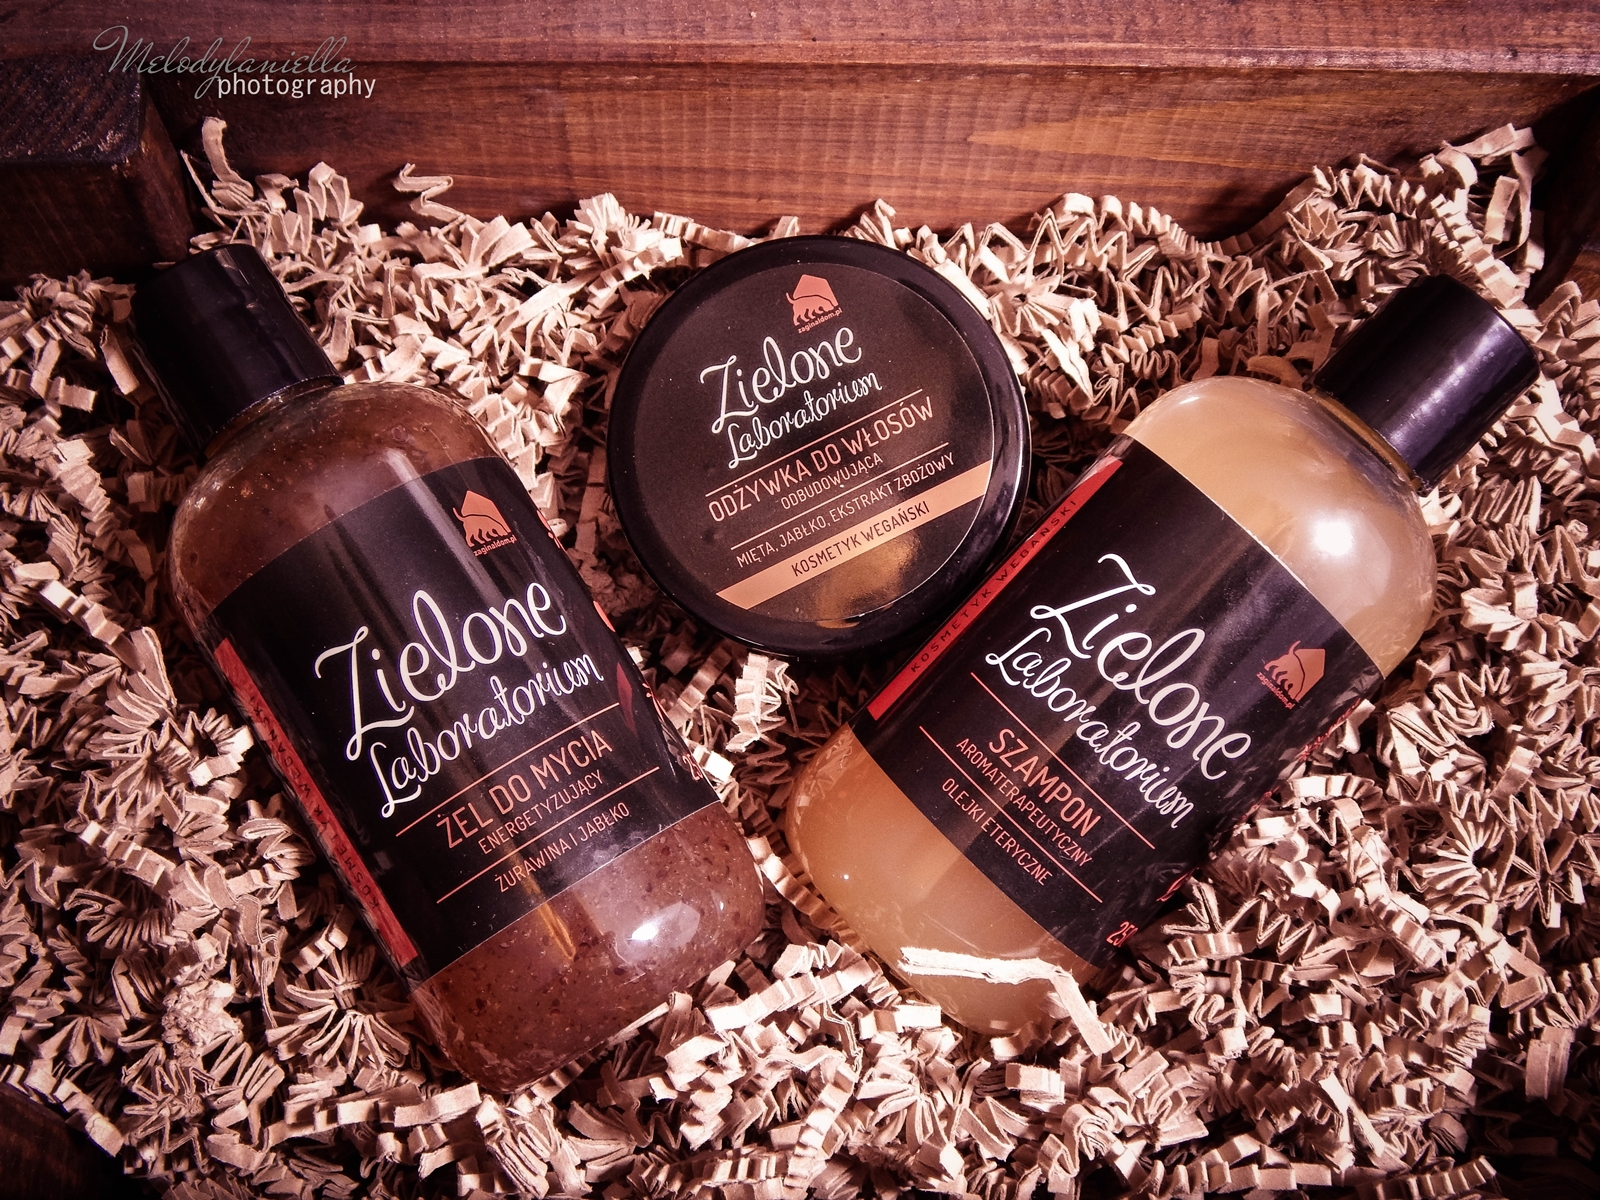 zielone laboratorium odżywka do włosów odbudowująca kosmetyki wegańskie żel do mycia szampon aromaterapeutyczny kosmetyki o mocnych zapachach olejki eteryczne kosmetyki naturalne melodylaniella zel